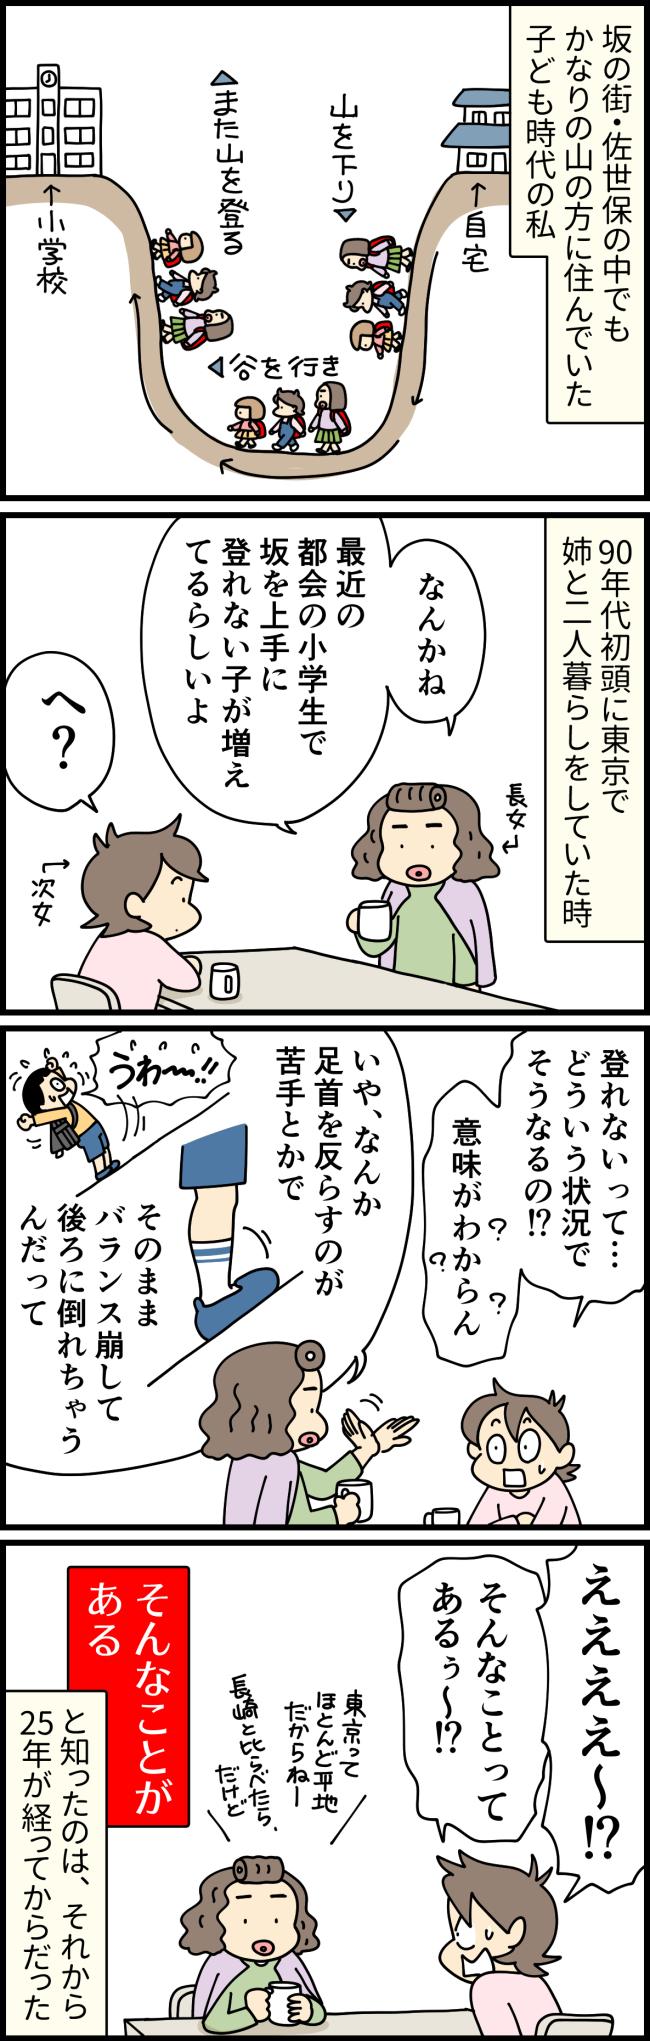 東京で一緒に住んでいた姉から坂を登れない小学生がいるという話を聞いて驚く大原由軌子